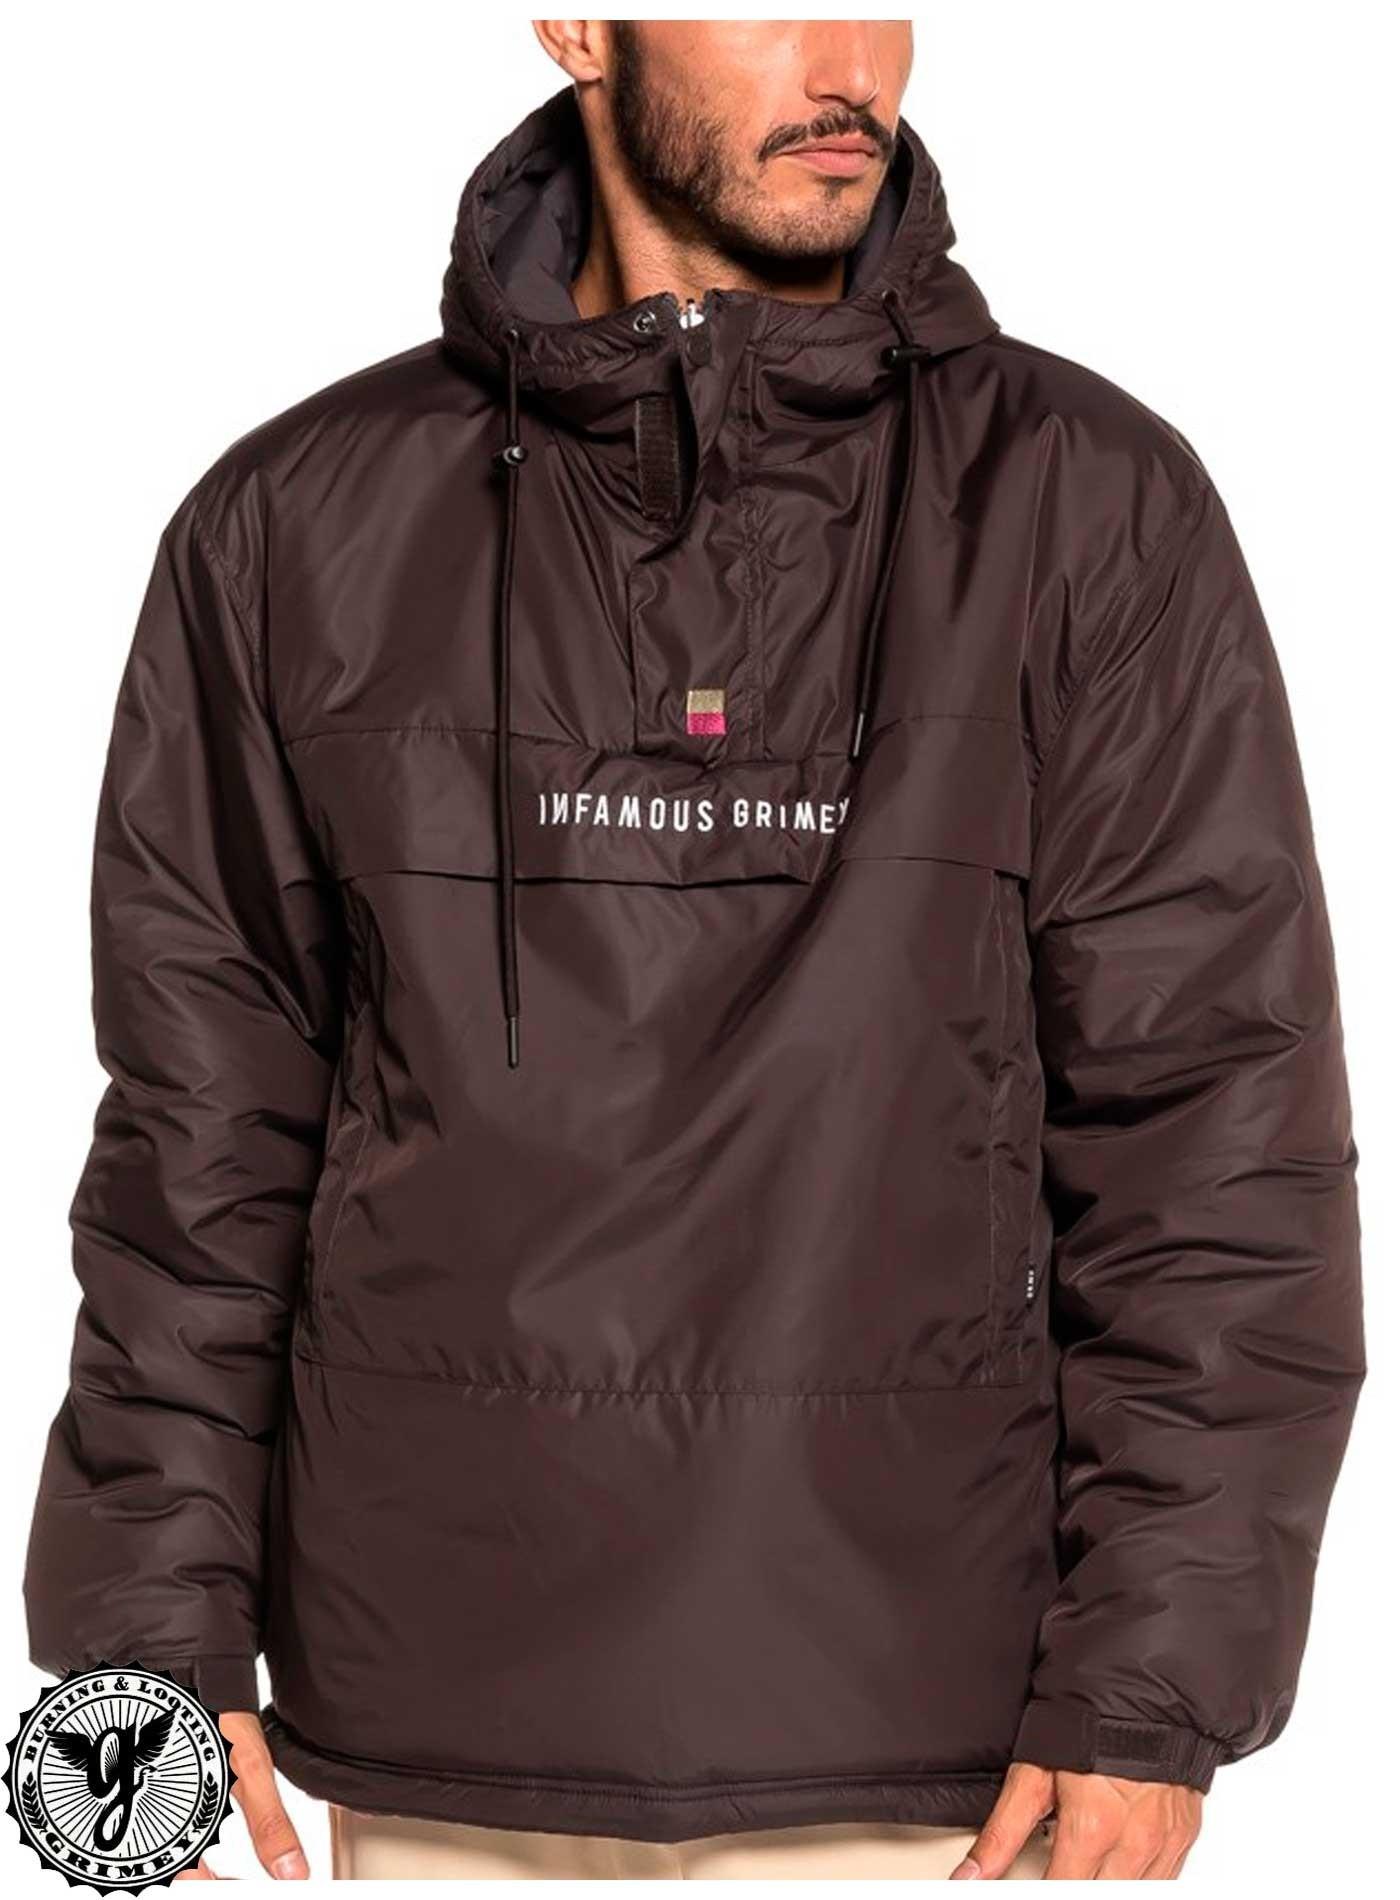 ADIDAS JACKE Jacket Wende Winter Schwarz Black Grün Green